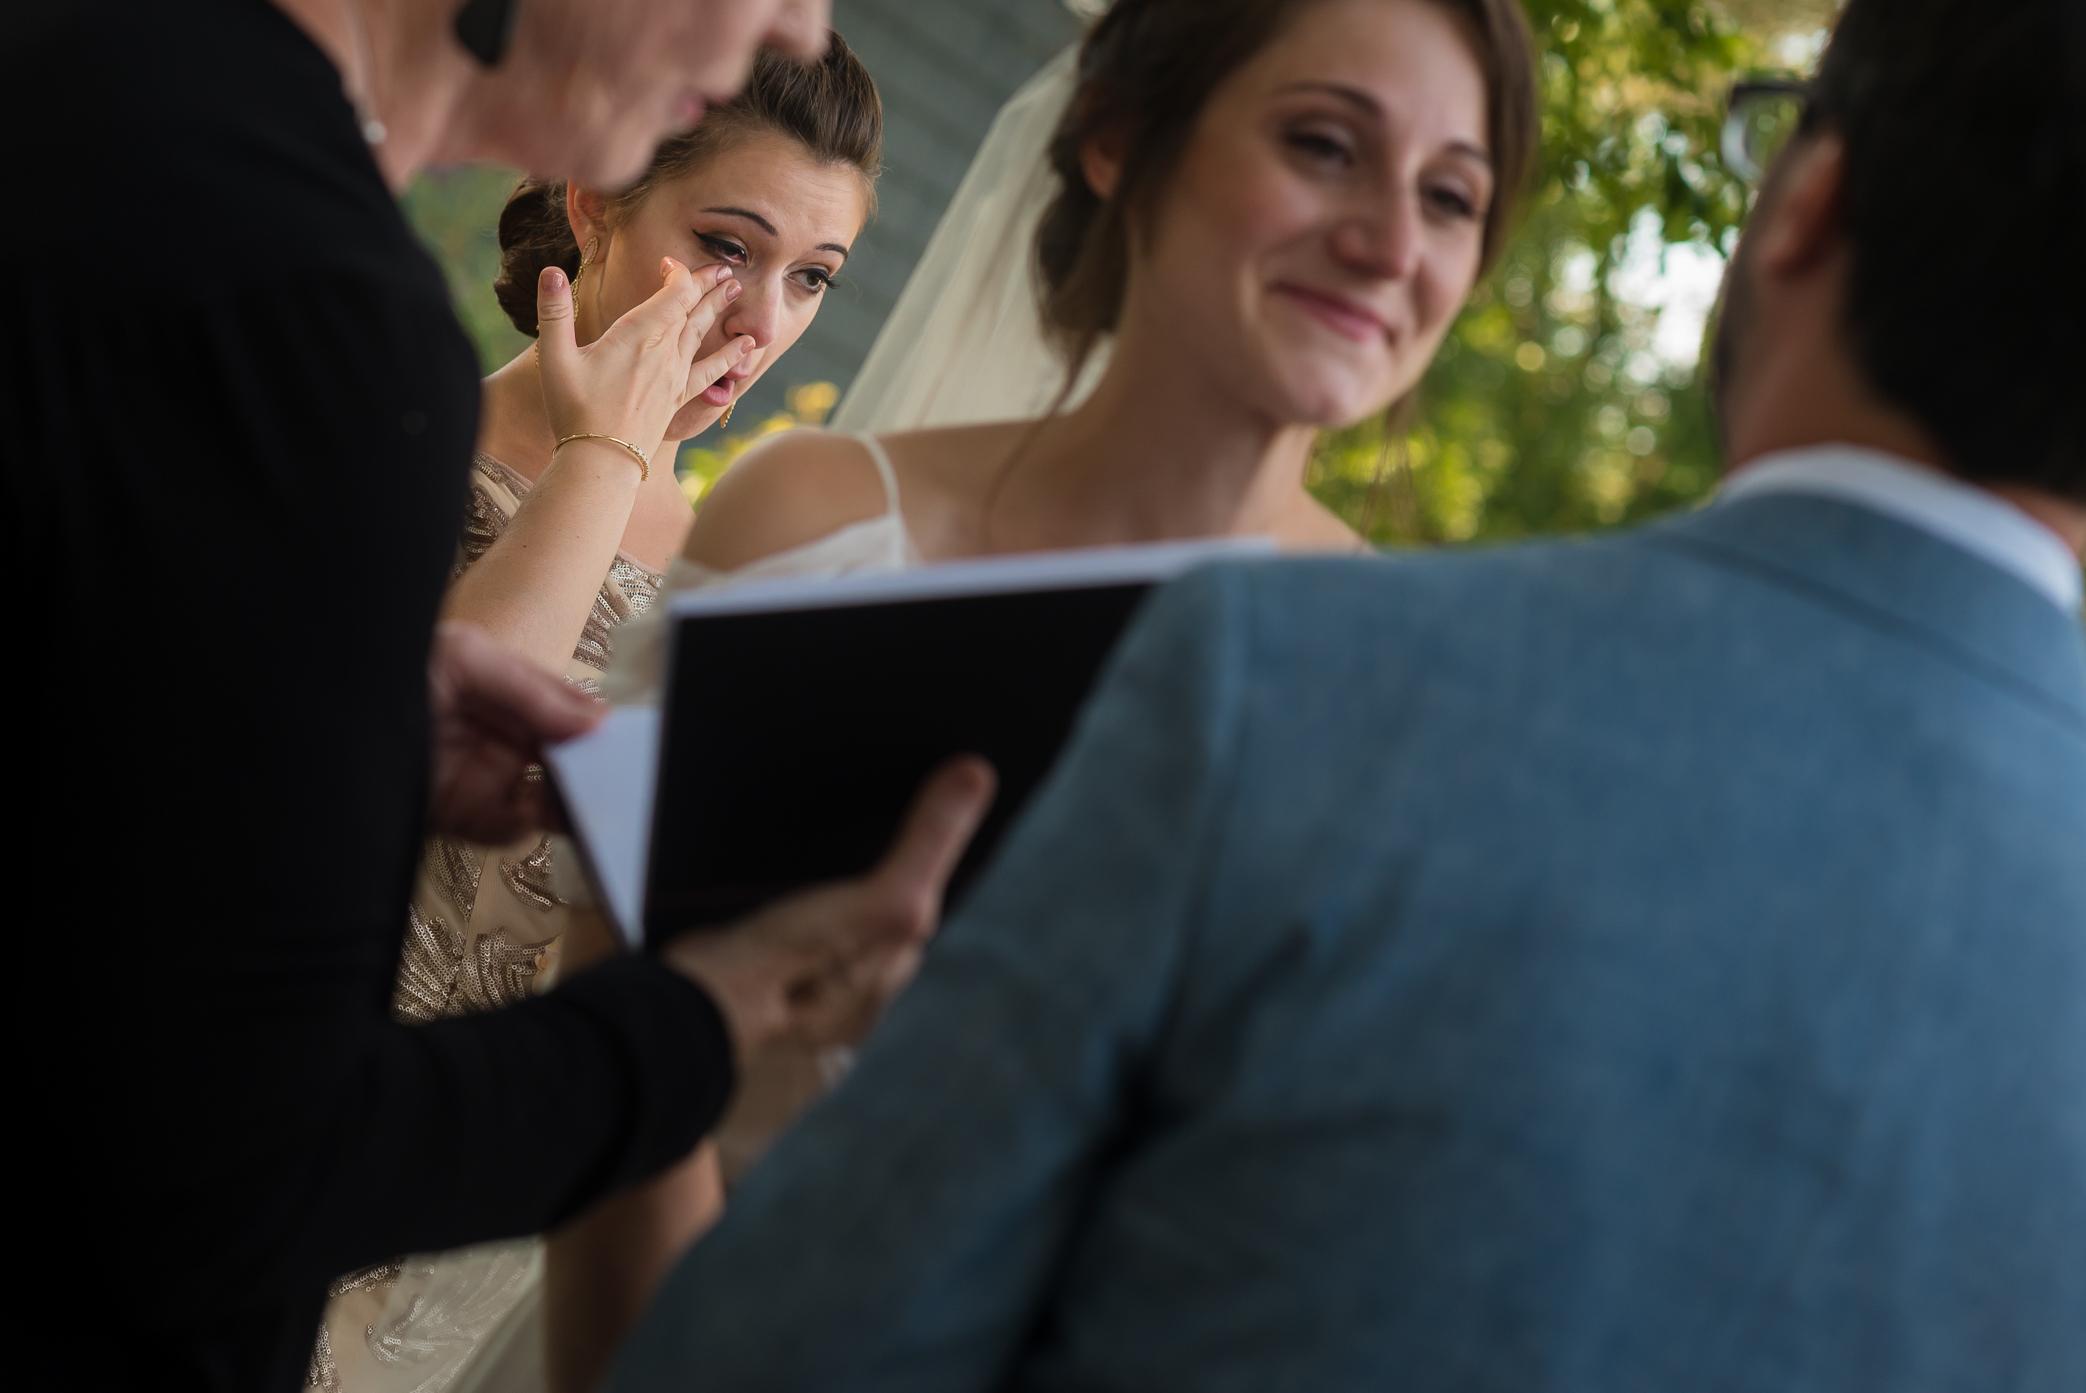 mt-sinai-wedding-sister-crying